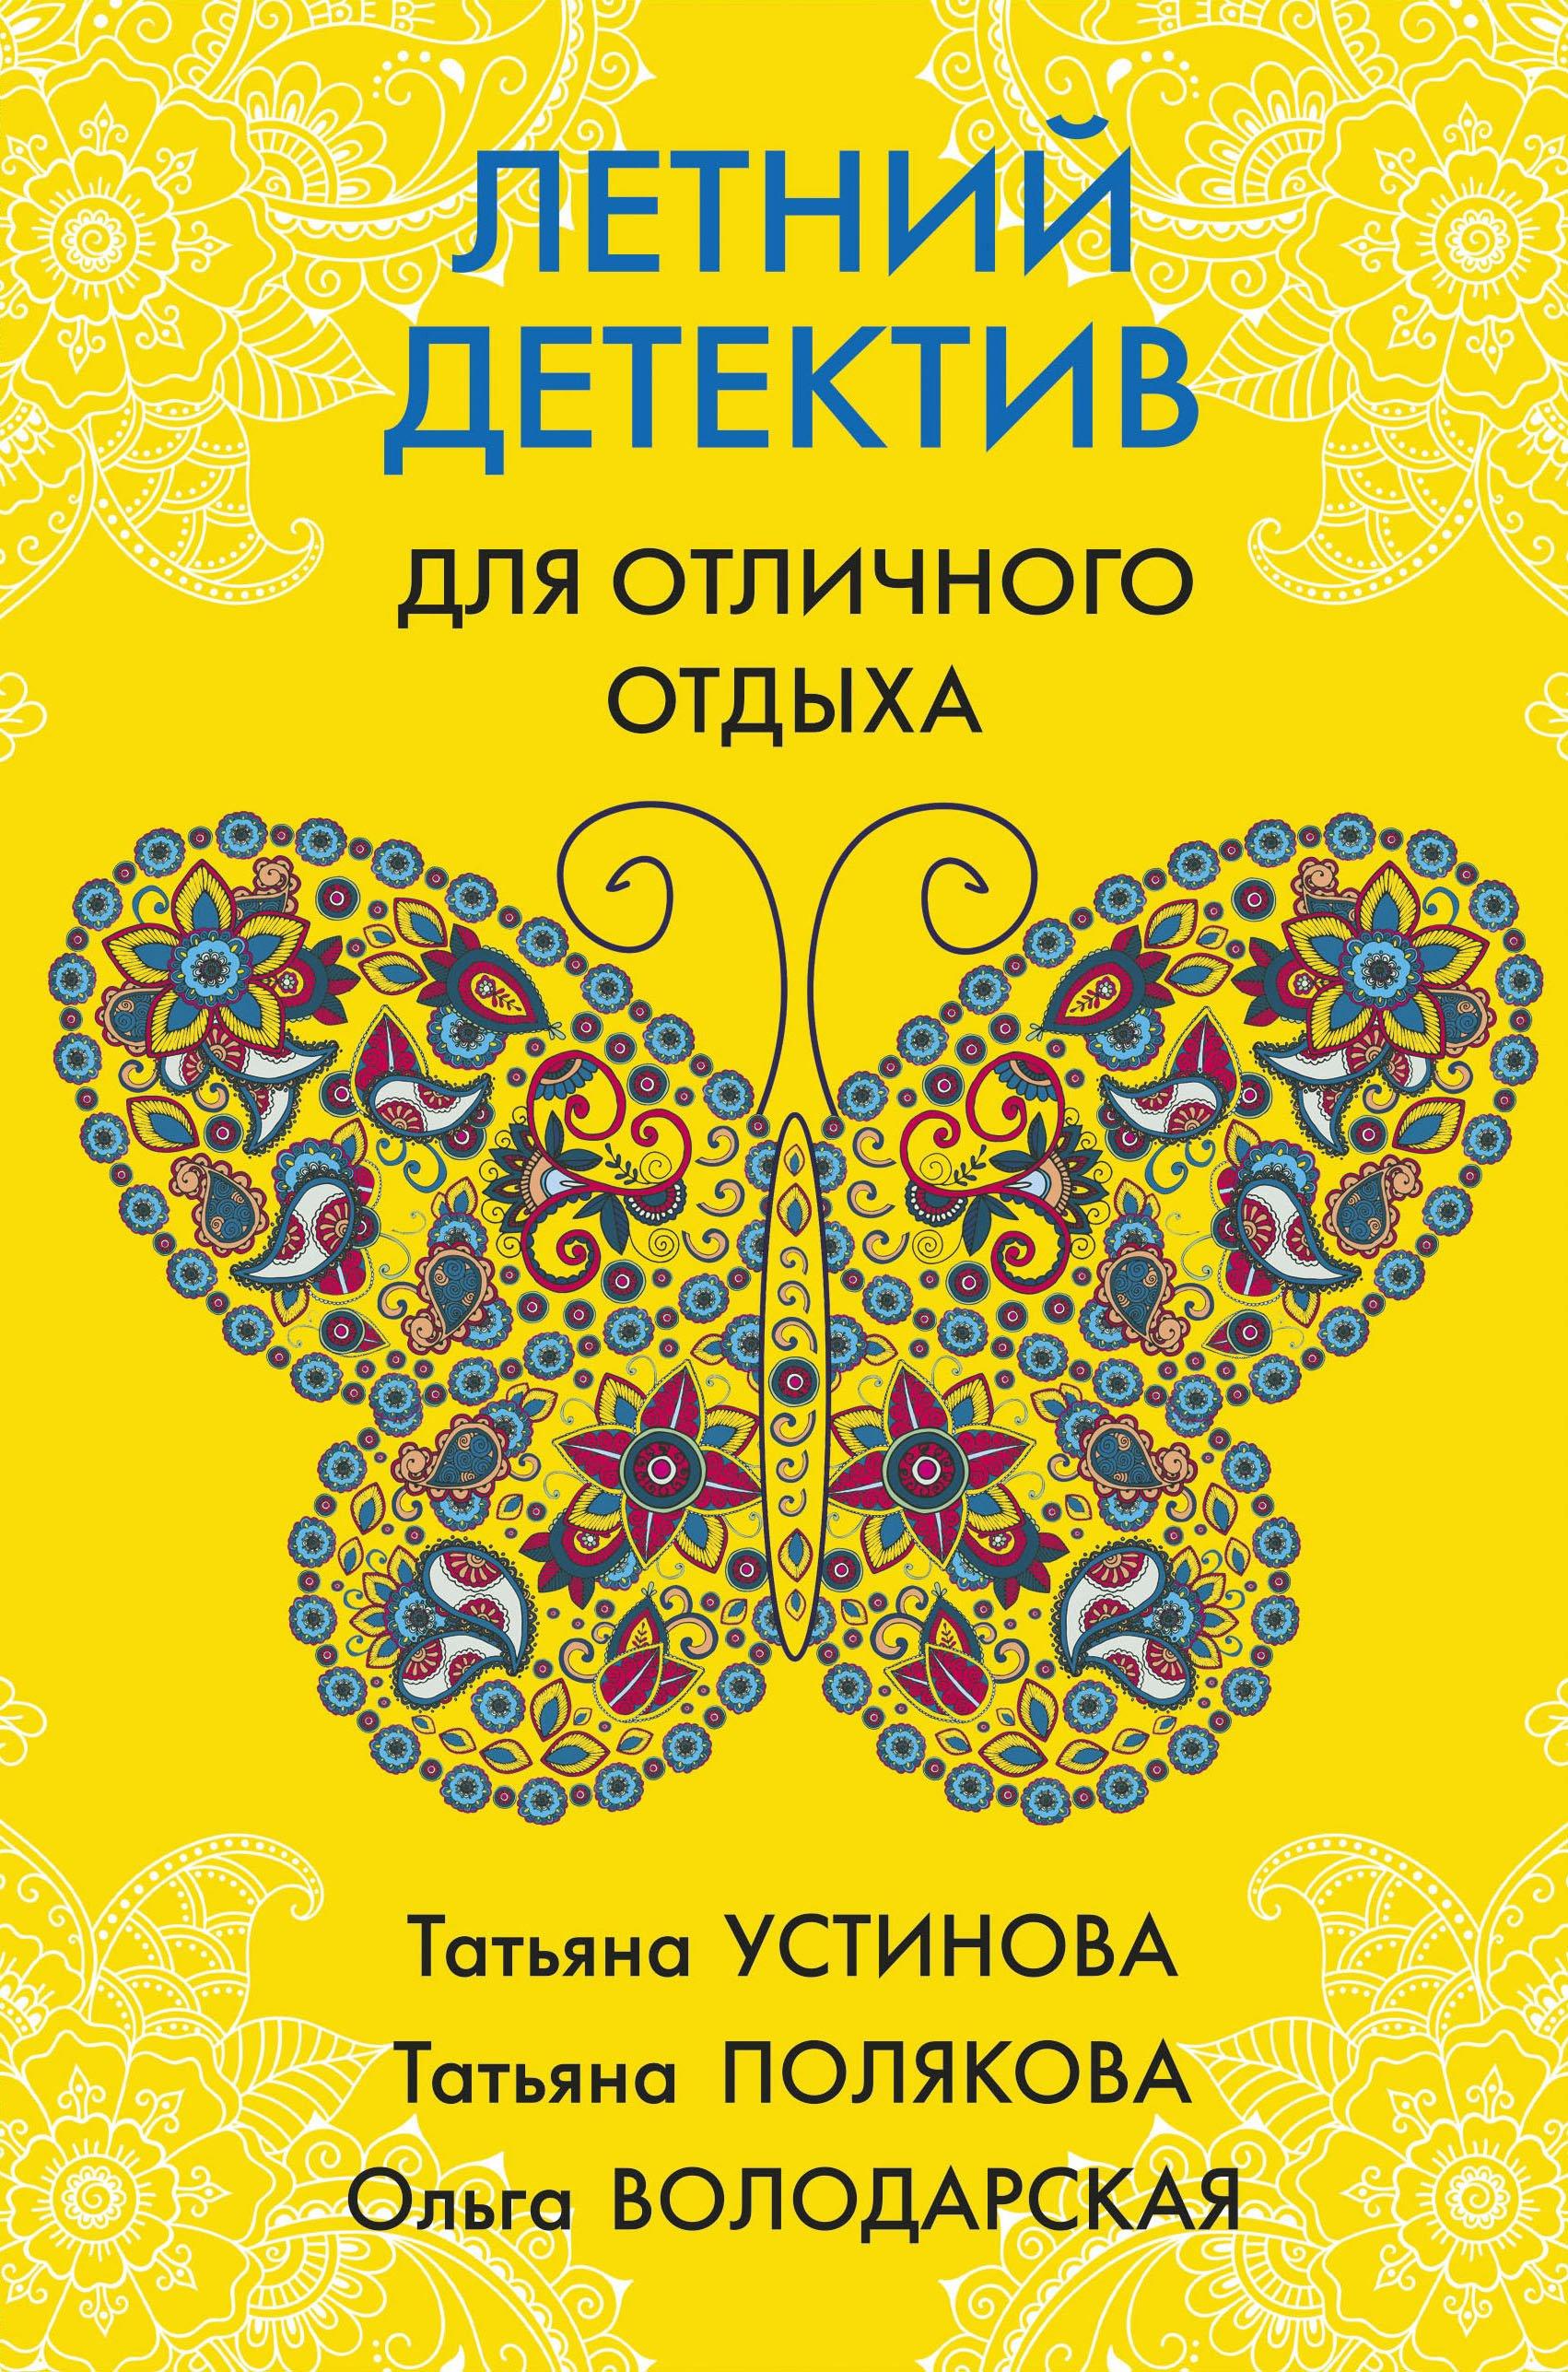 Татьяна Полякова - Летний детектив для отличного отдыха